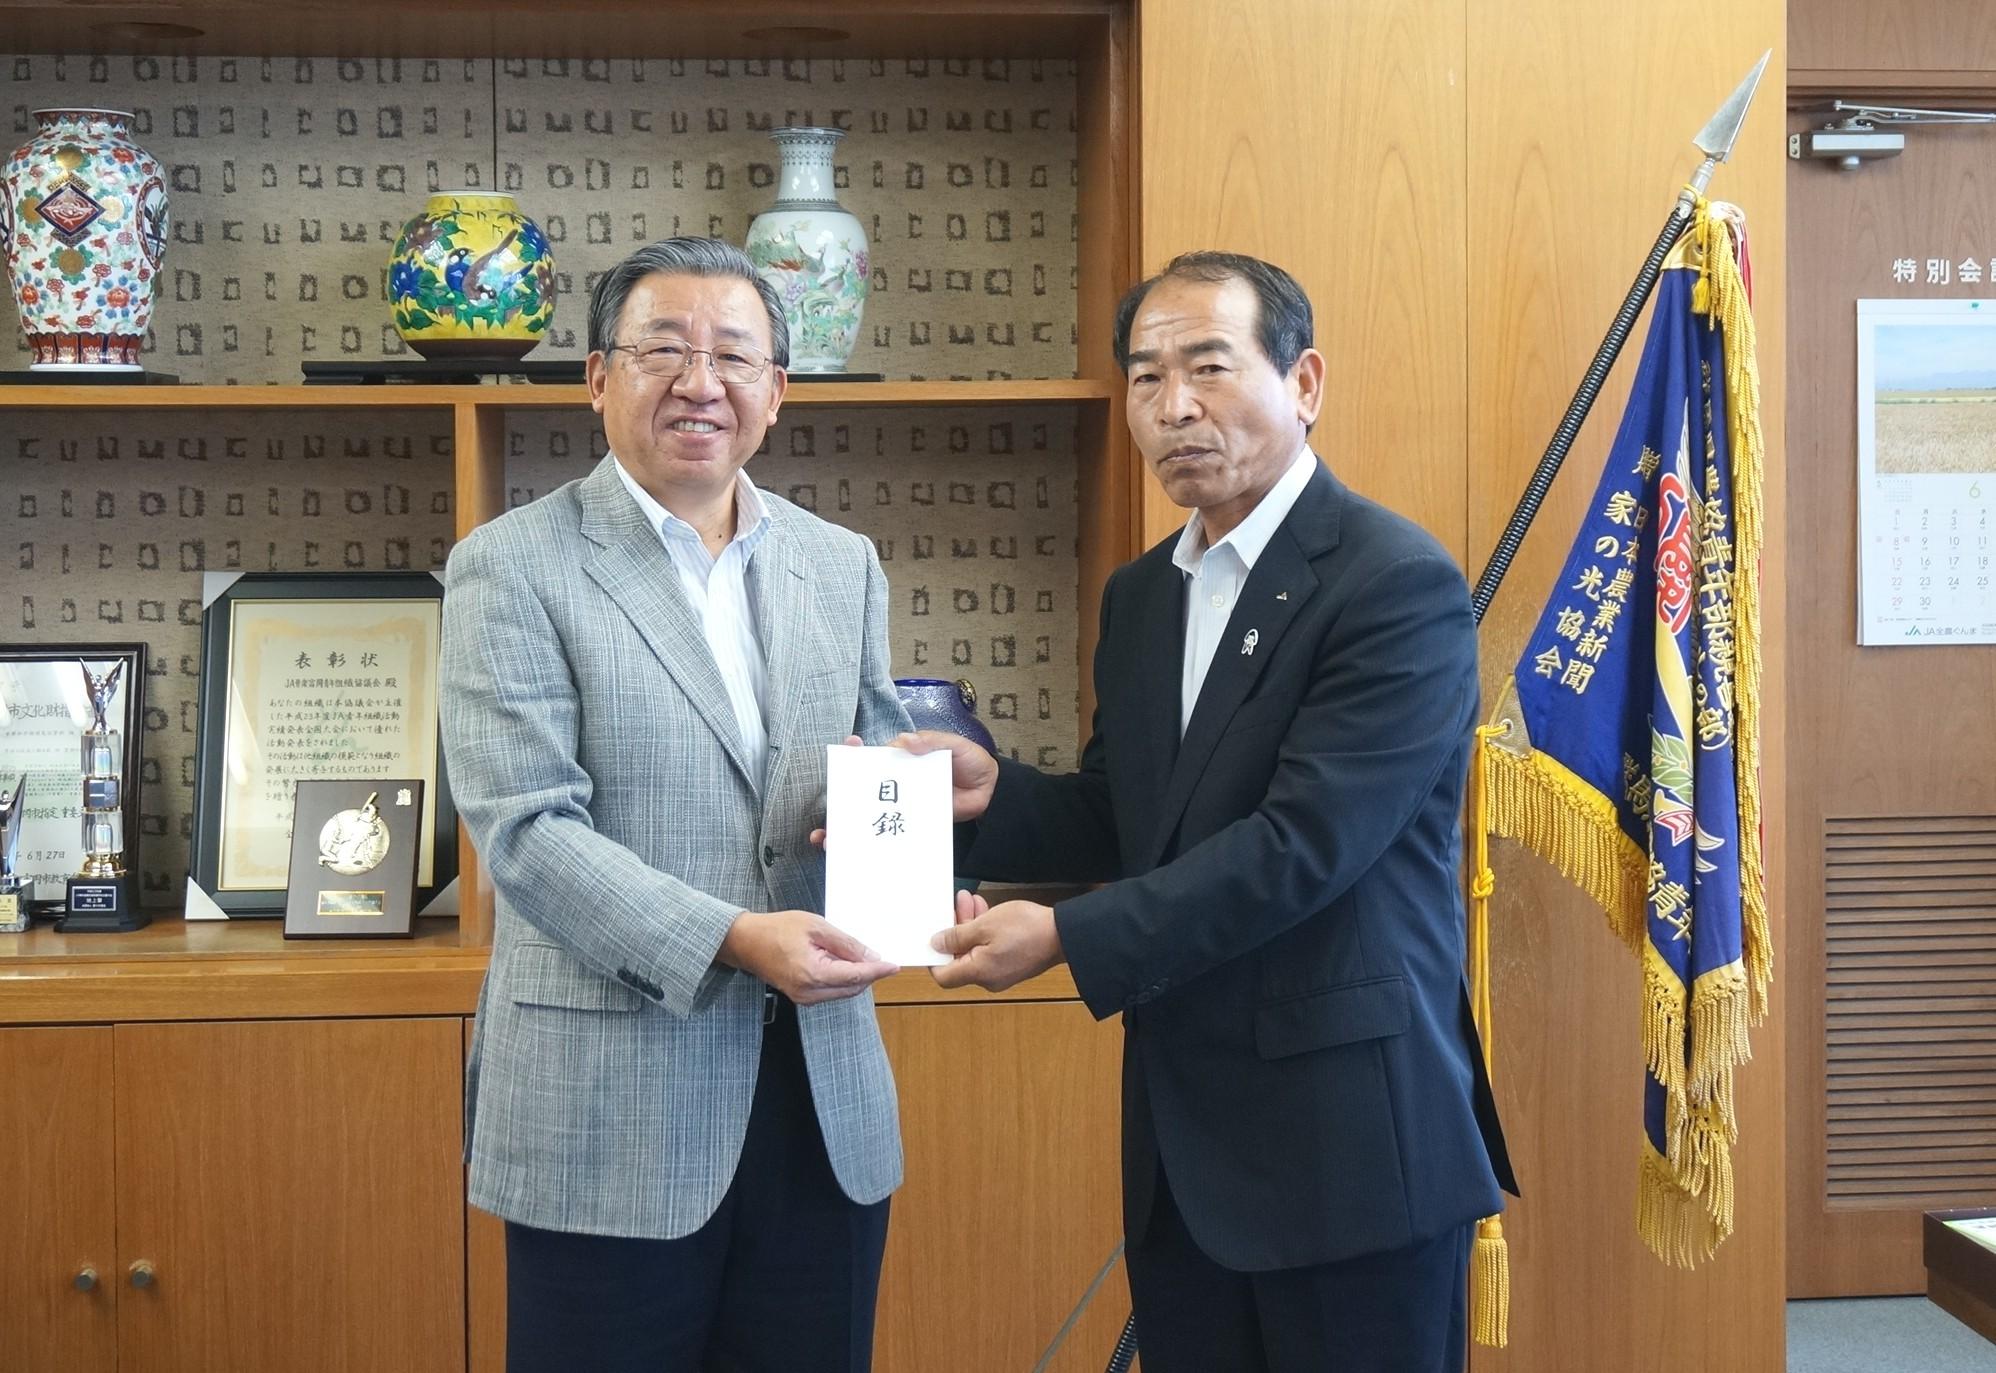 JA甘楽富岡の鷺坂代表理事組合長(右)に募金目録を贈呈する上原副理事長